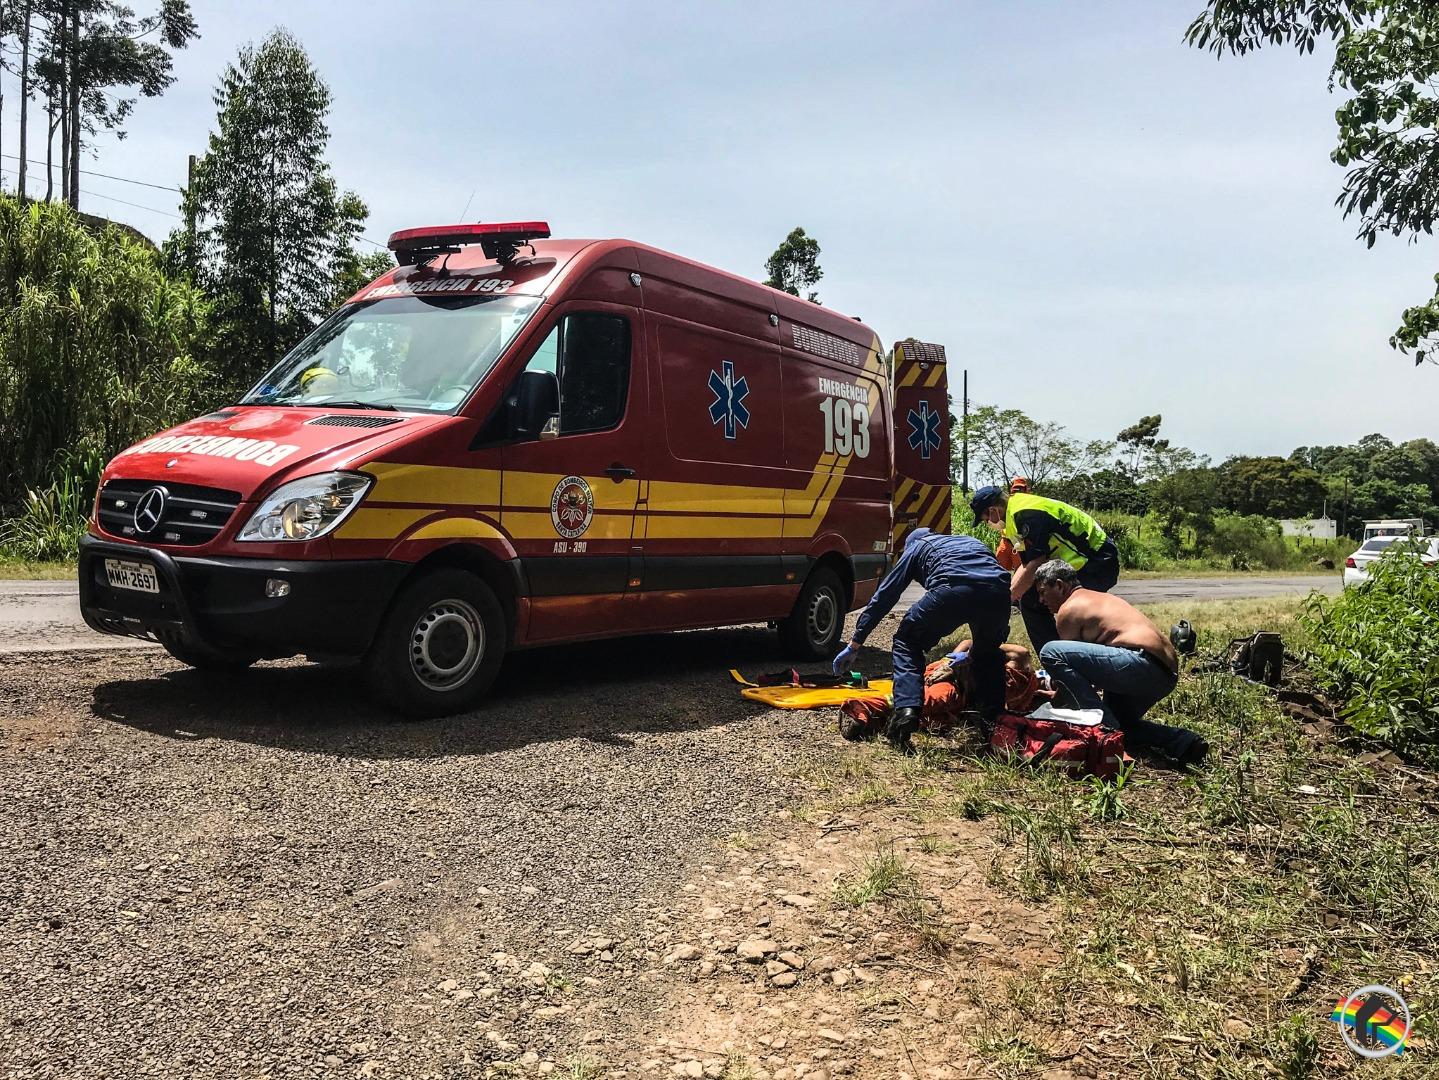 VÍDEO: Atropelamento deixa homem gravemente ferido na BR-163